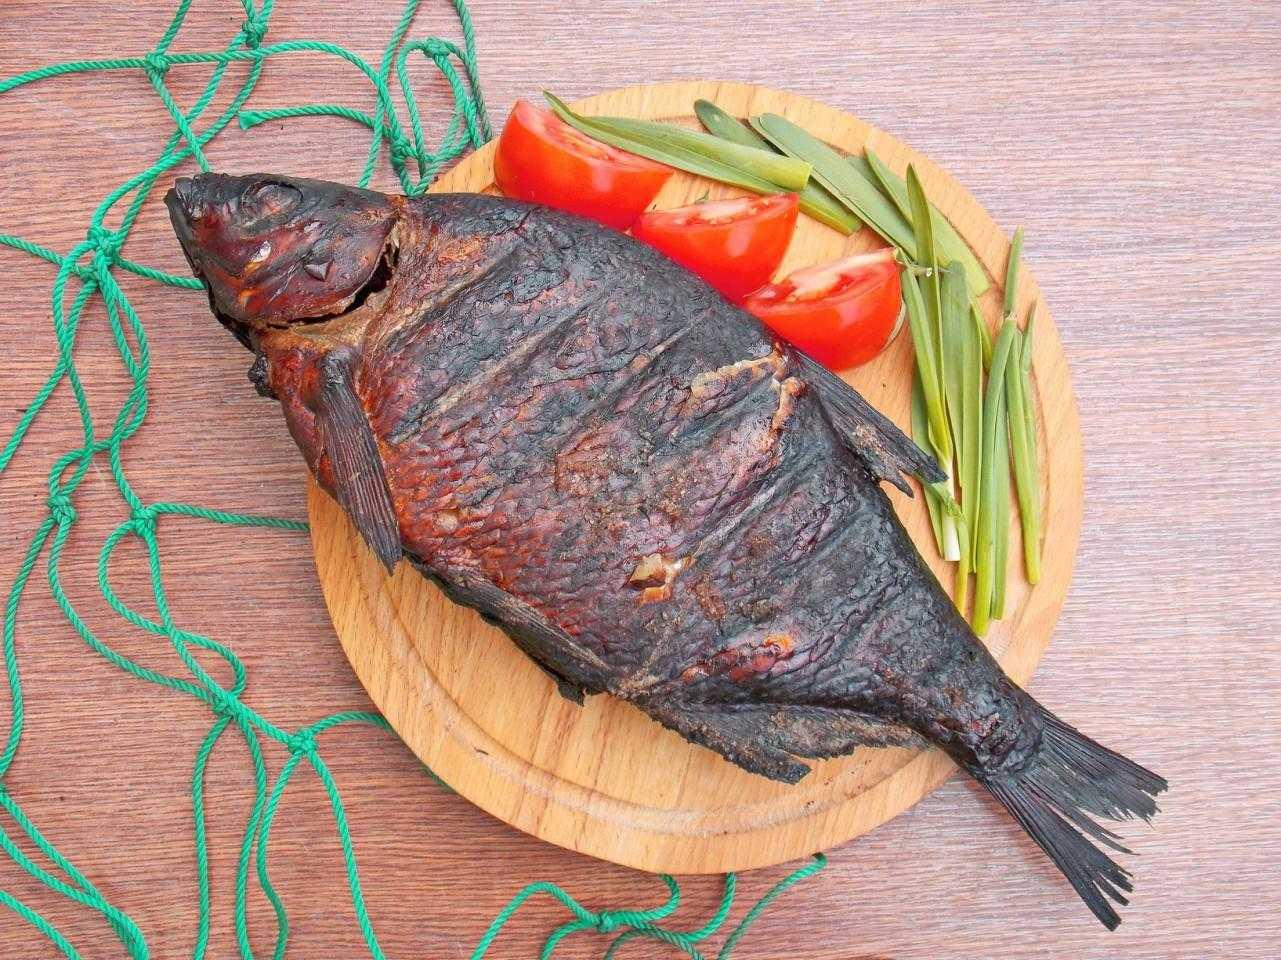 Рецепт леща горячего копчения в коптильне - 4 пошаговых фото в рецепте